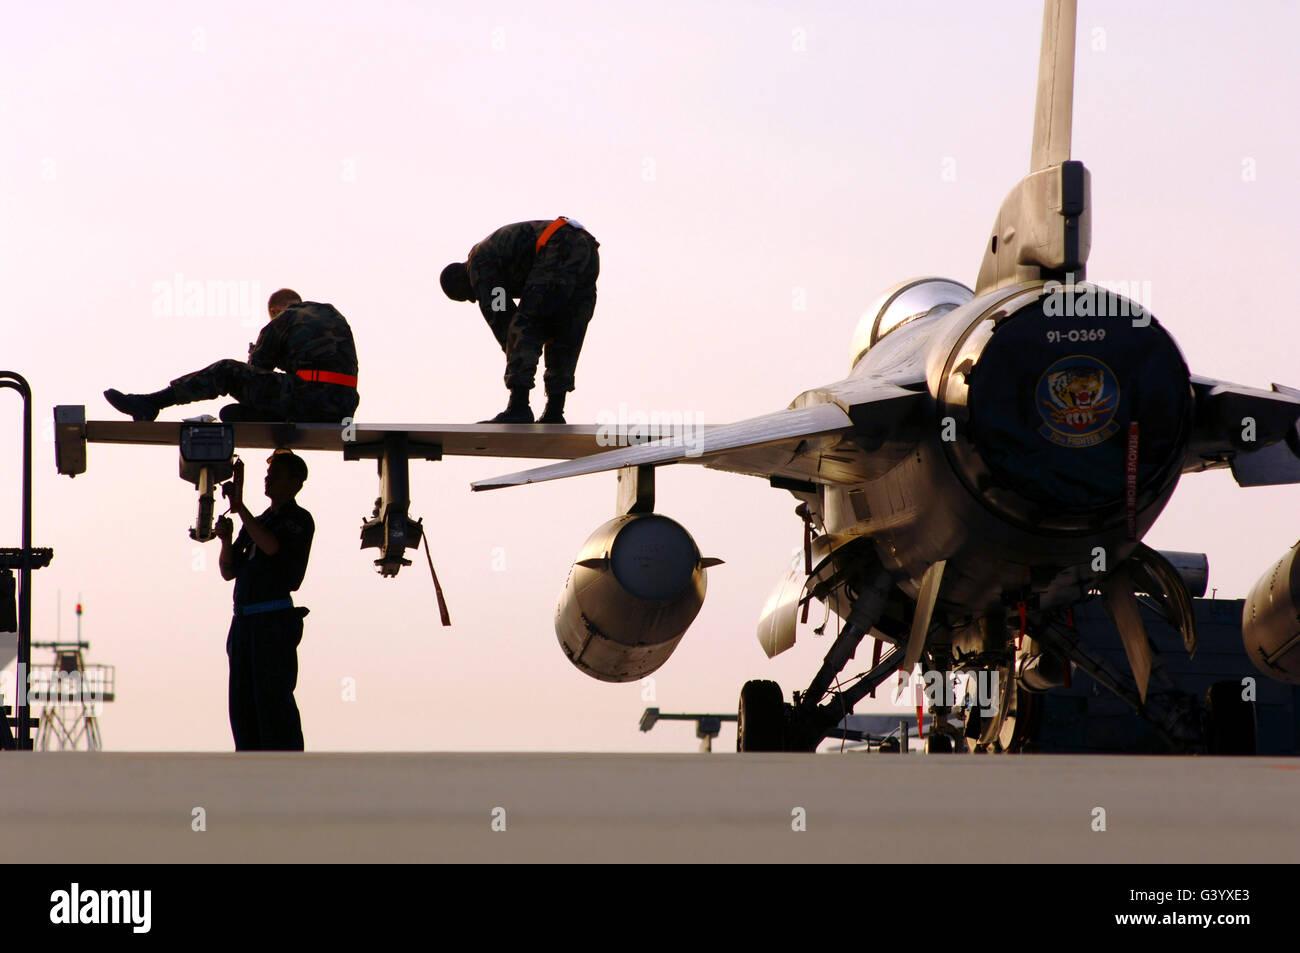 Chefs rew préparer un F-16 Fighting Falcon pour le décollage. Banque D'Images